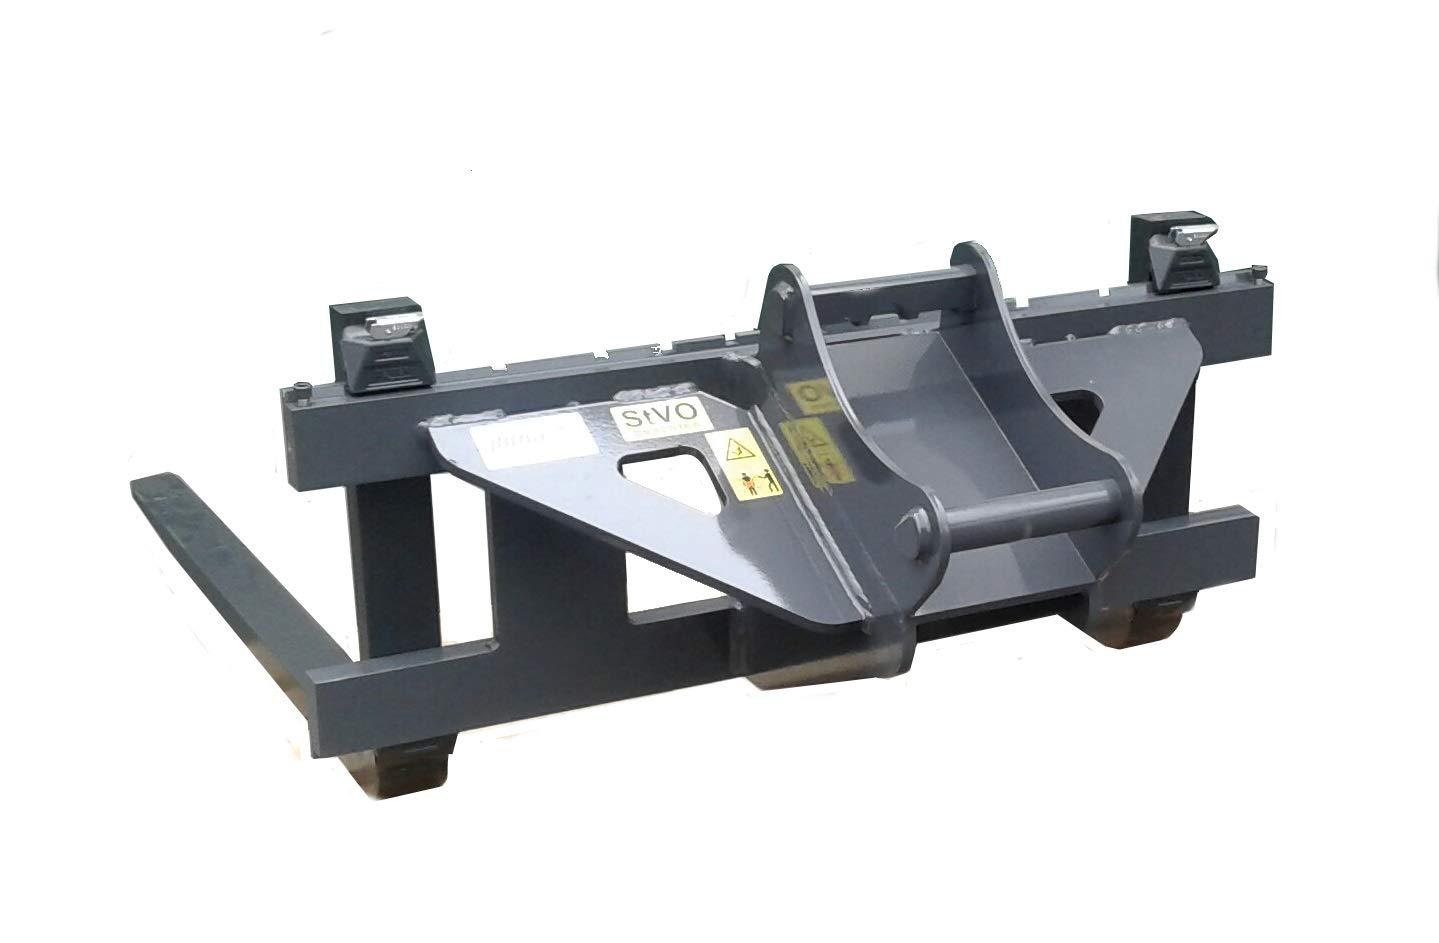 Palettengabel FEM 2 passend f/ür Bagger Lehnhoff MS03 MS08 und Schaeff//Terex HR16 und HR32 Lieferbar in 2 Gabelzinkenl/ängen MS03 mit Gabelzinken 1100mm